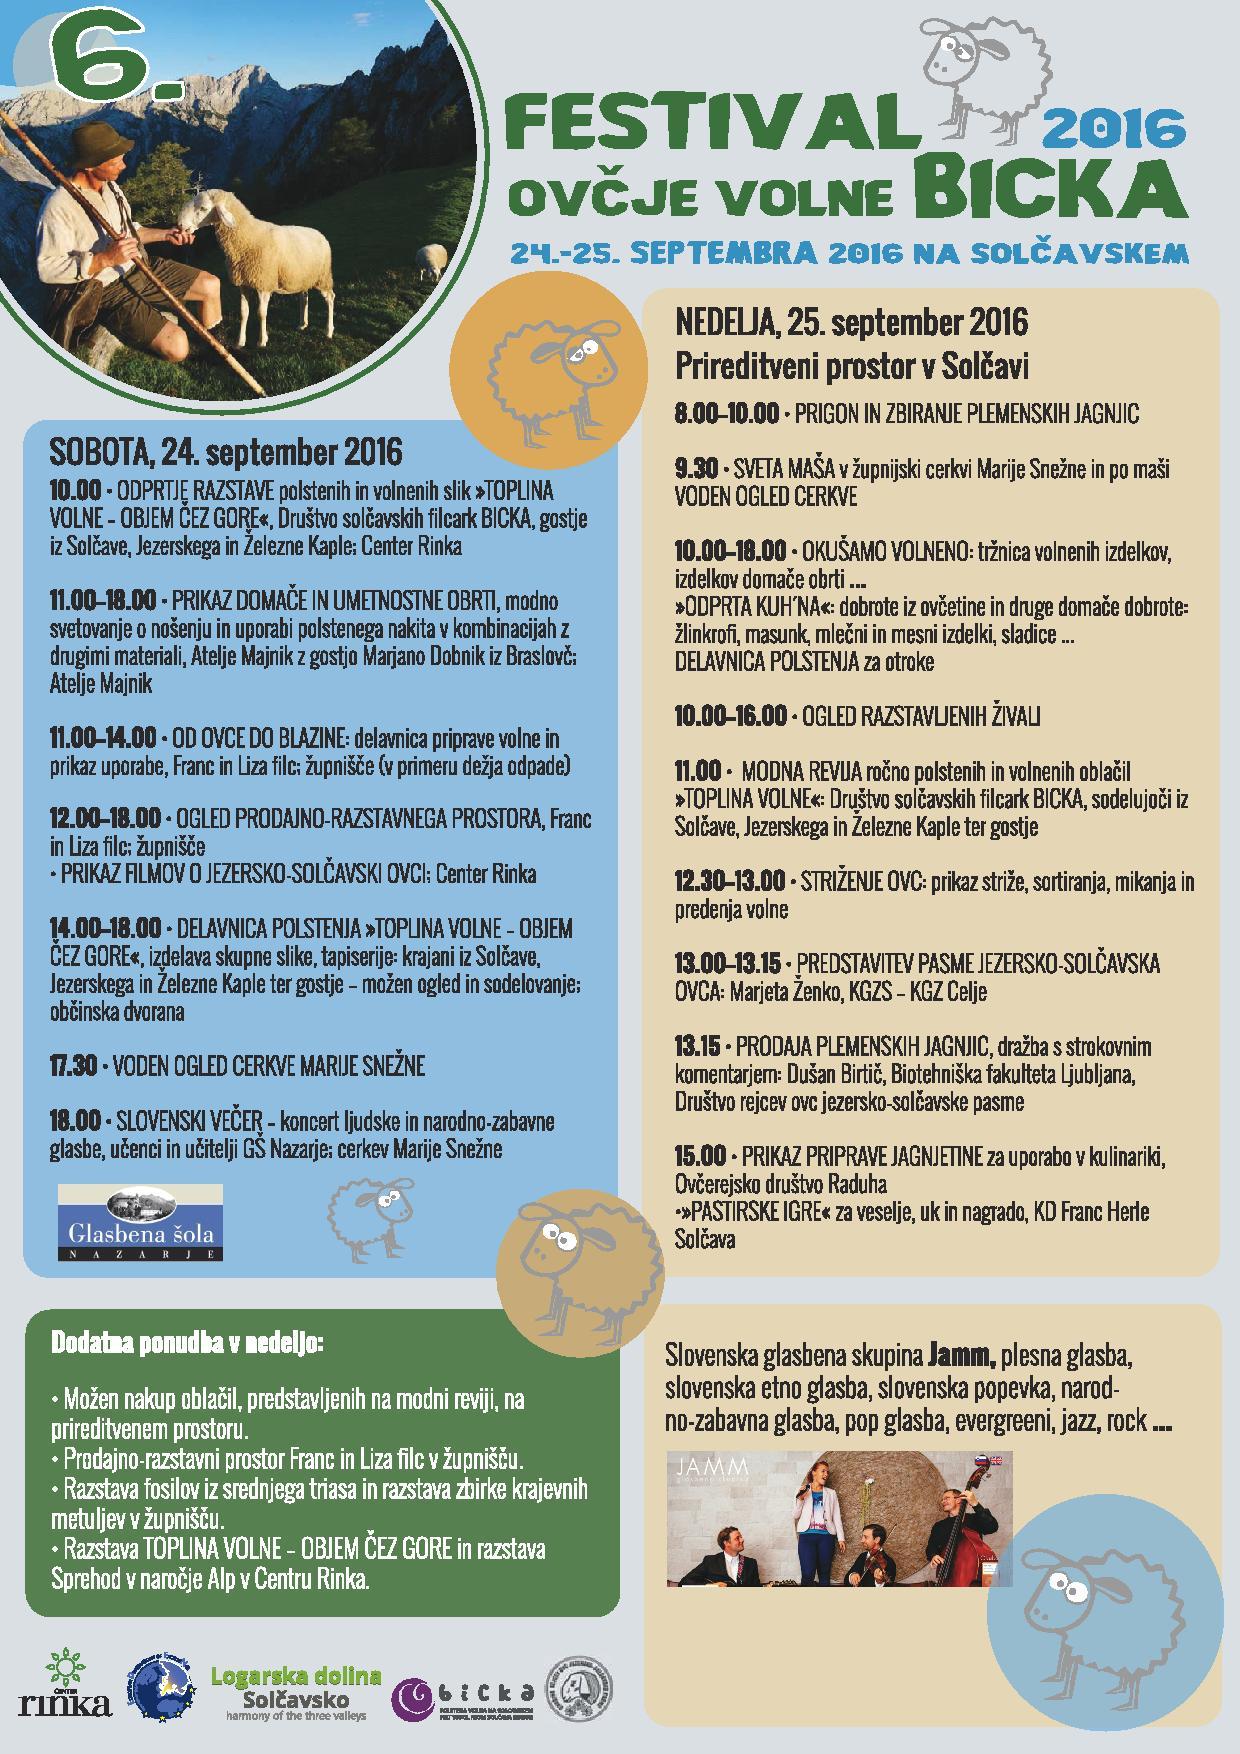 Program 6. Festivala ovčje volne Bicka